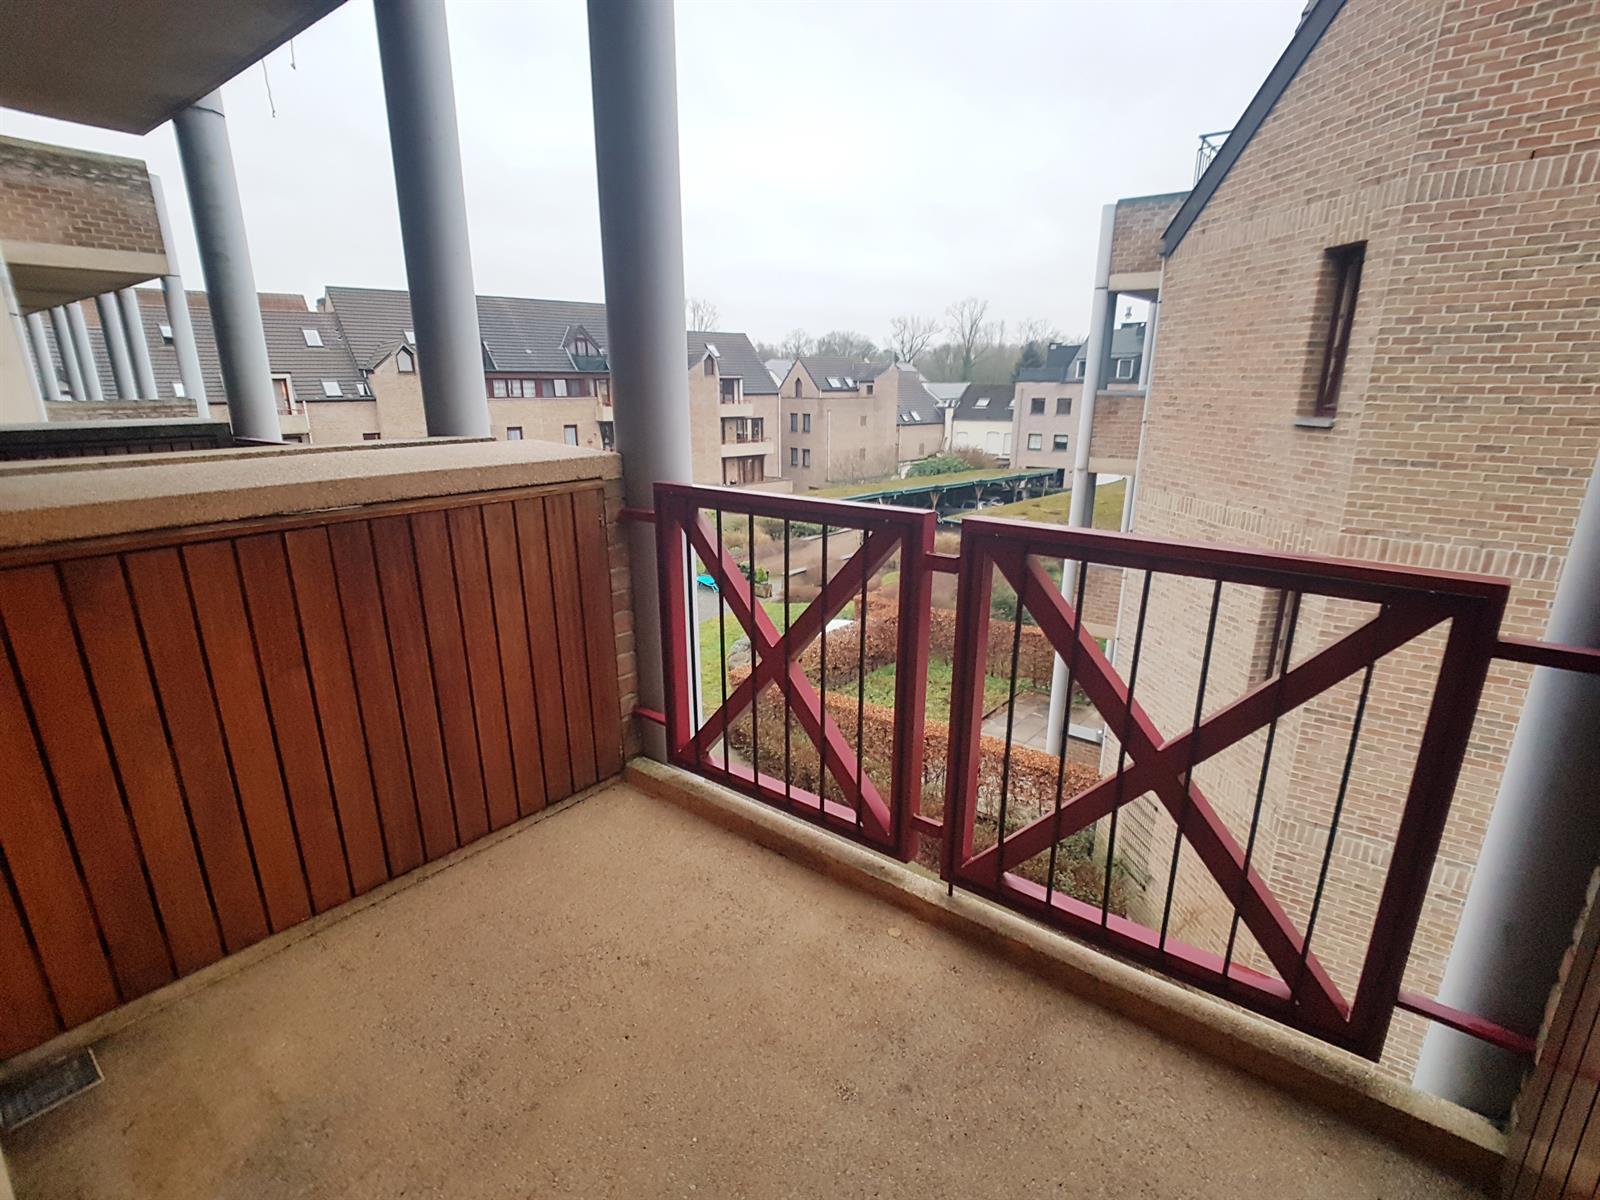 Appartement - Ottignies-Louvain-la-Neuve - #4254648-6